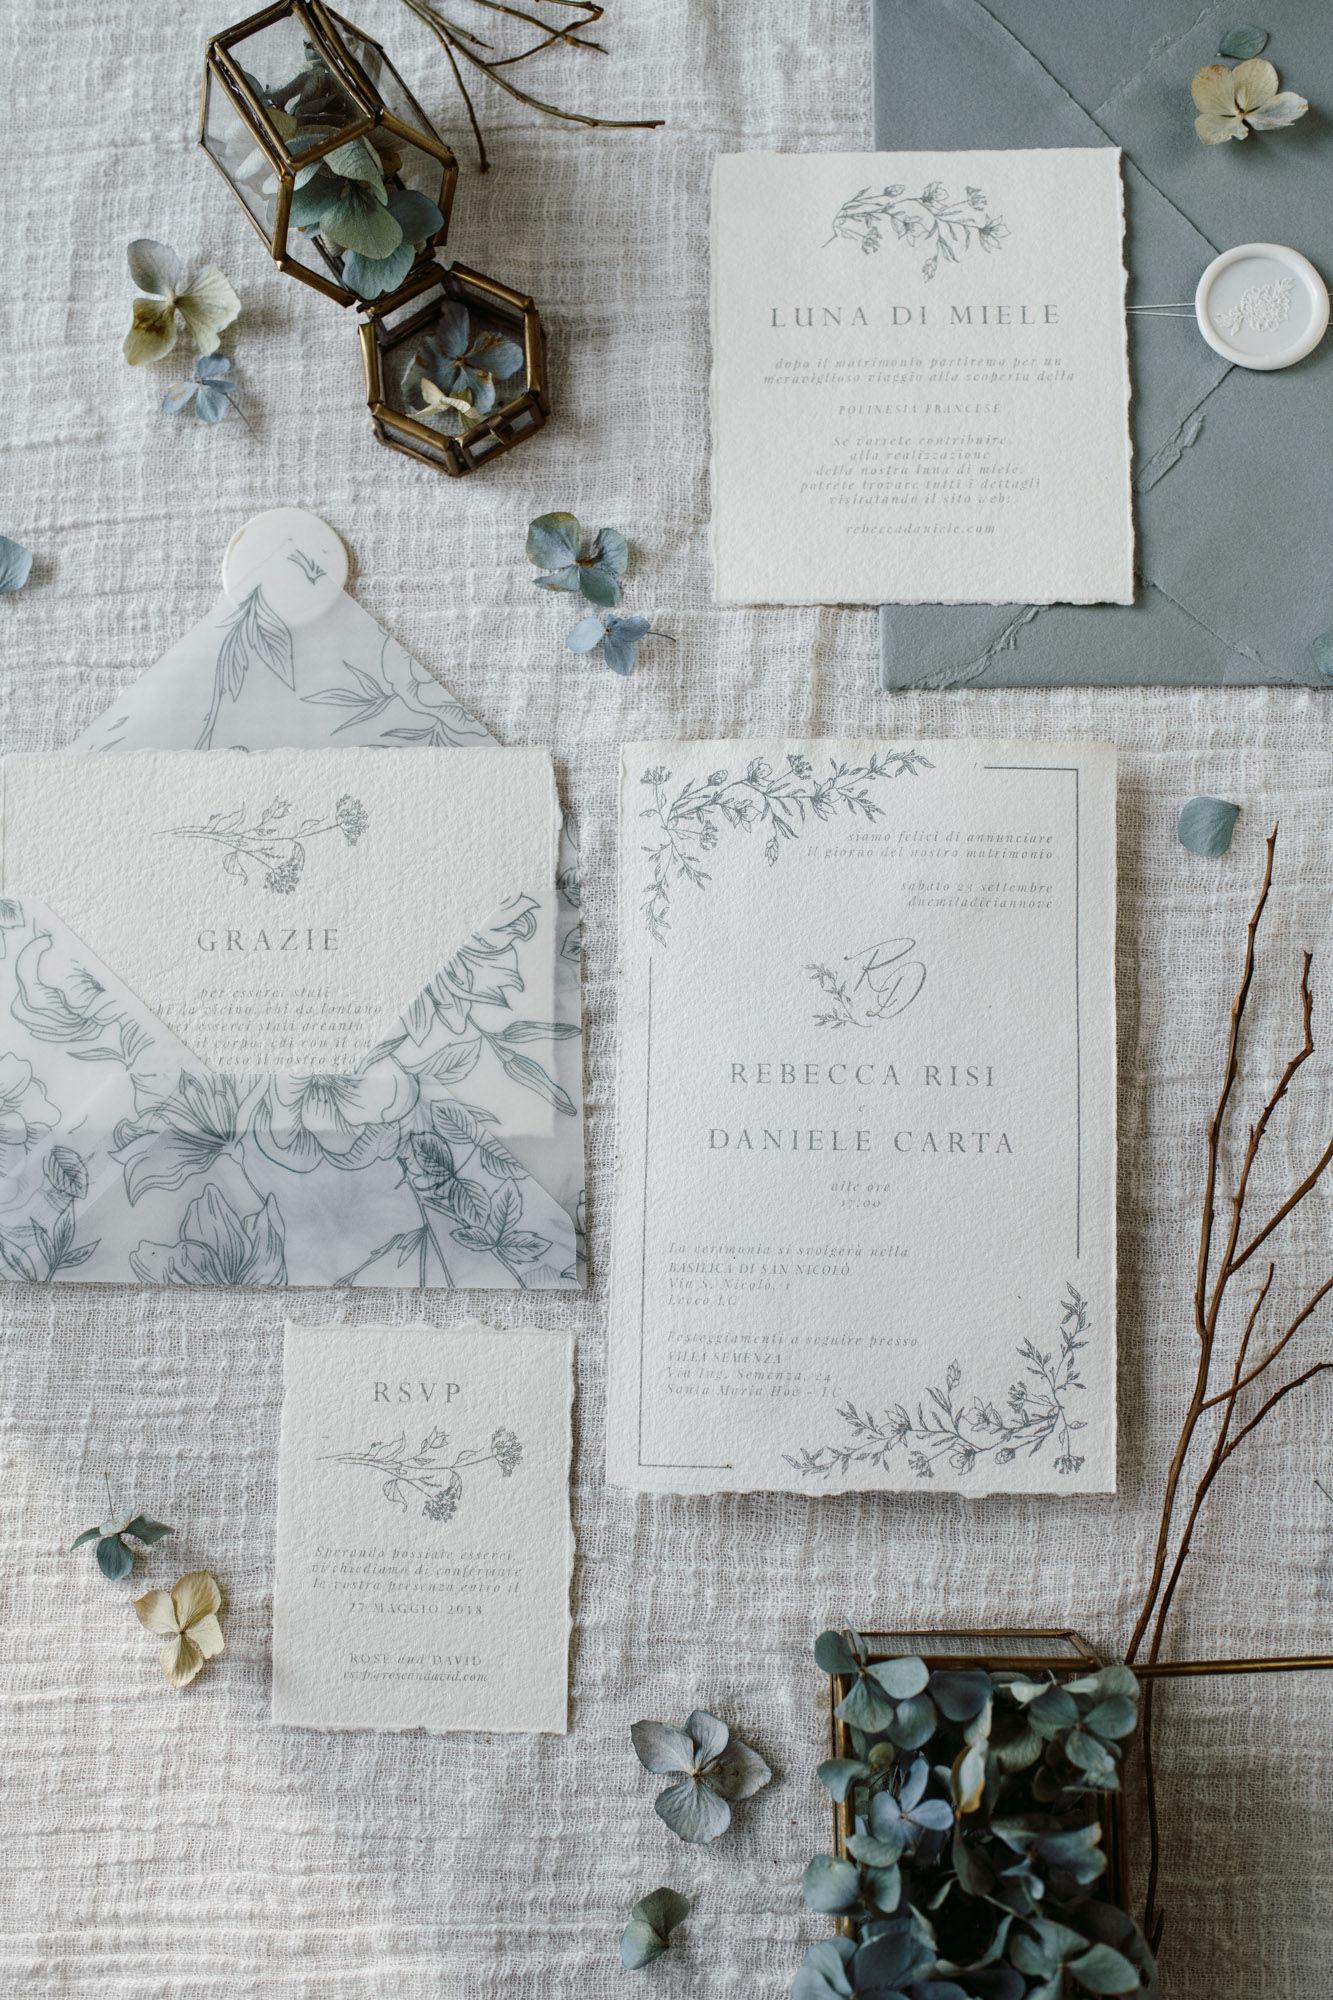 Matrimonio Com Partecipazioni.Partecipazioni Inviti Matrimonio Fiorito Elegante 3 Studio Alispi